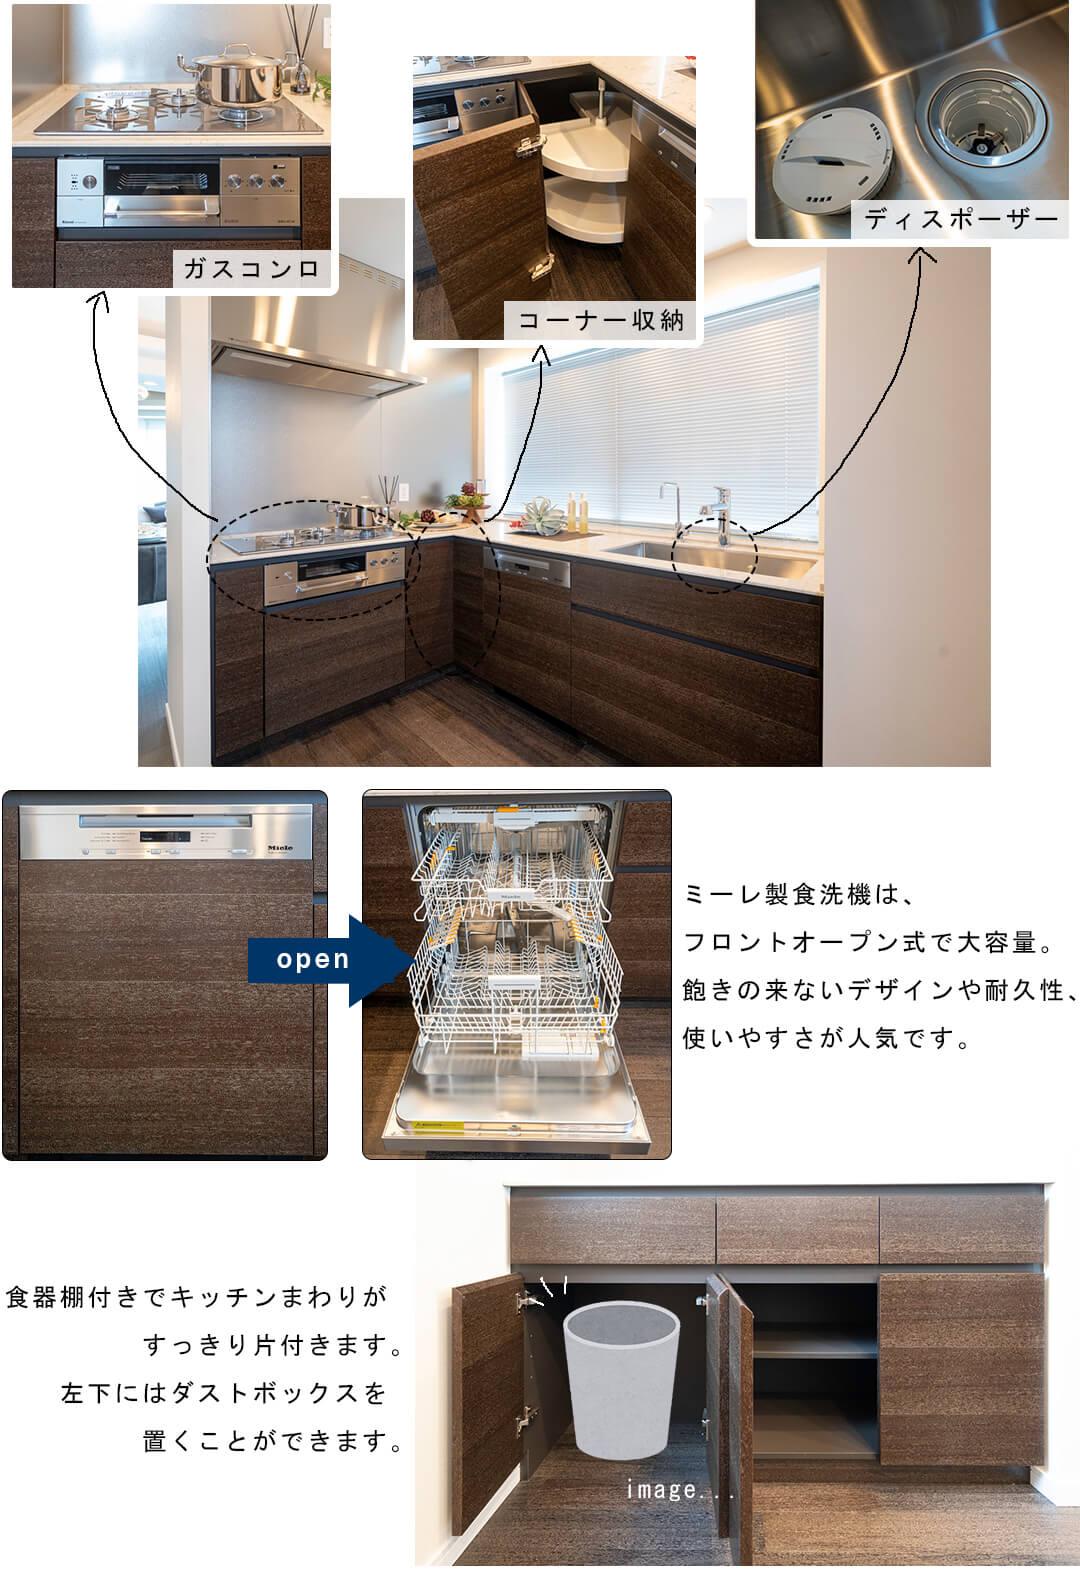 ジオ元赤坂のキッチン